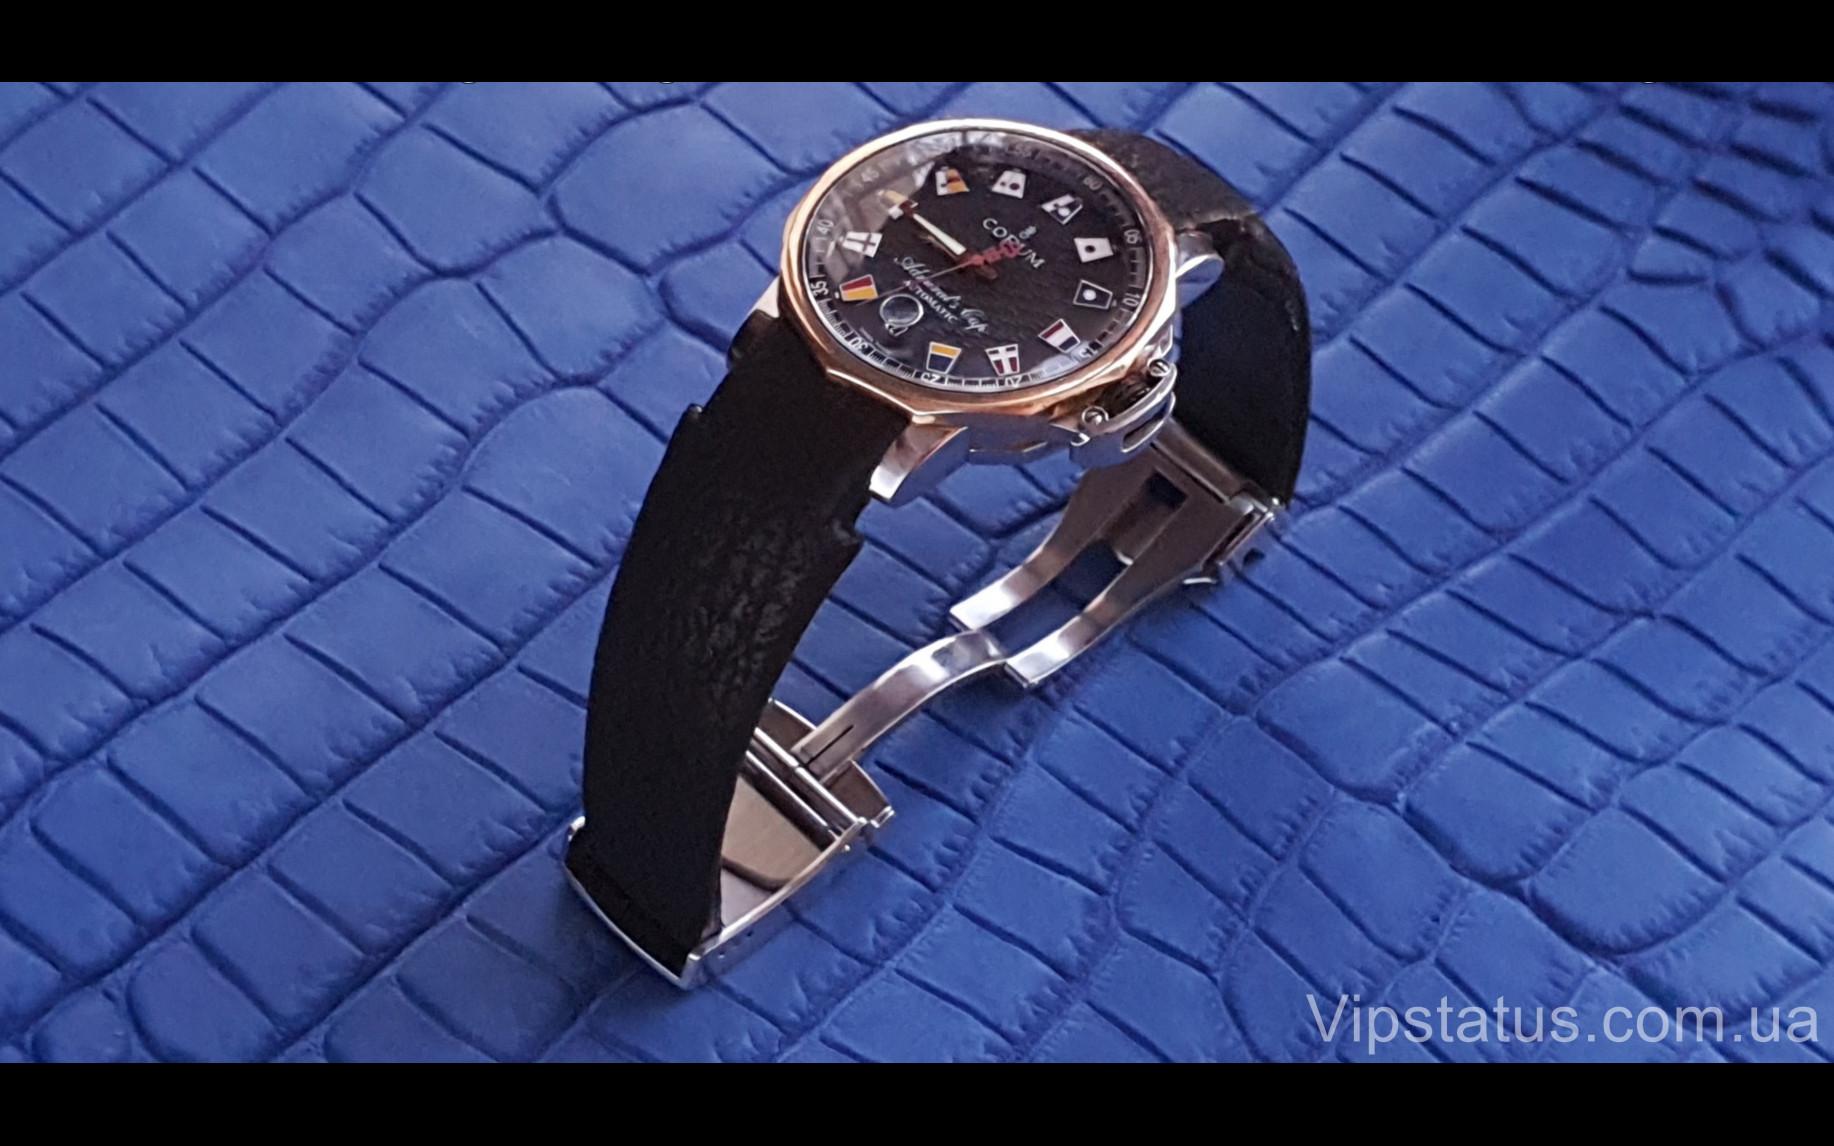 Elite Экзотический ремешок для часов Corum кожа акулы Exotic Shark Strap for Corum watches image 3